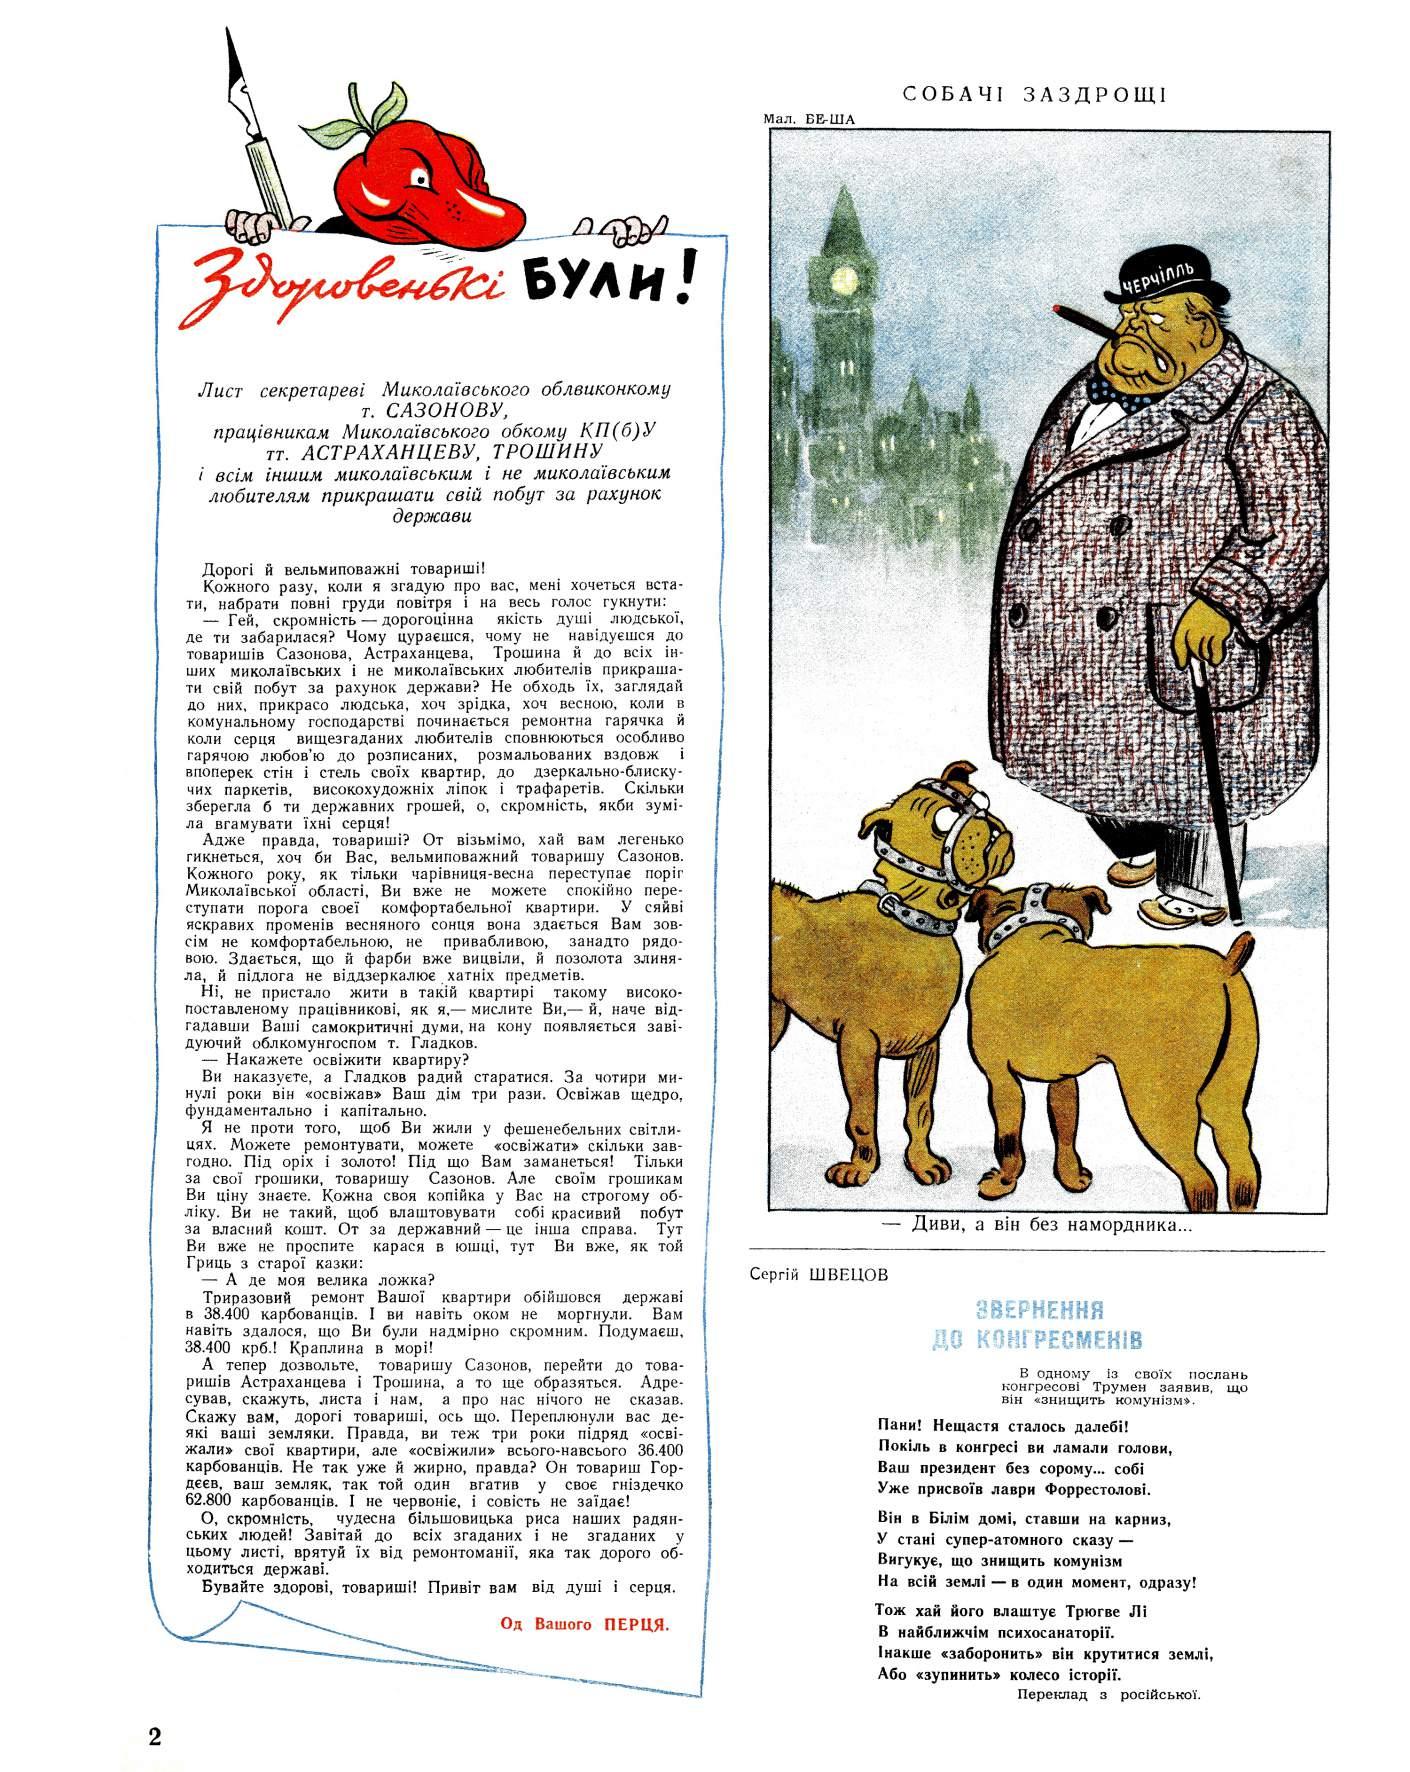 Журнал перець 1951 №05